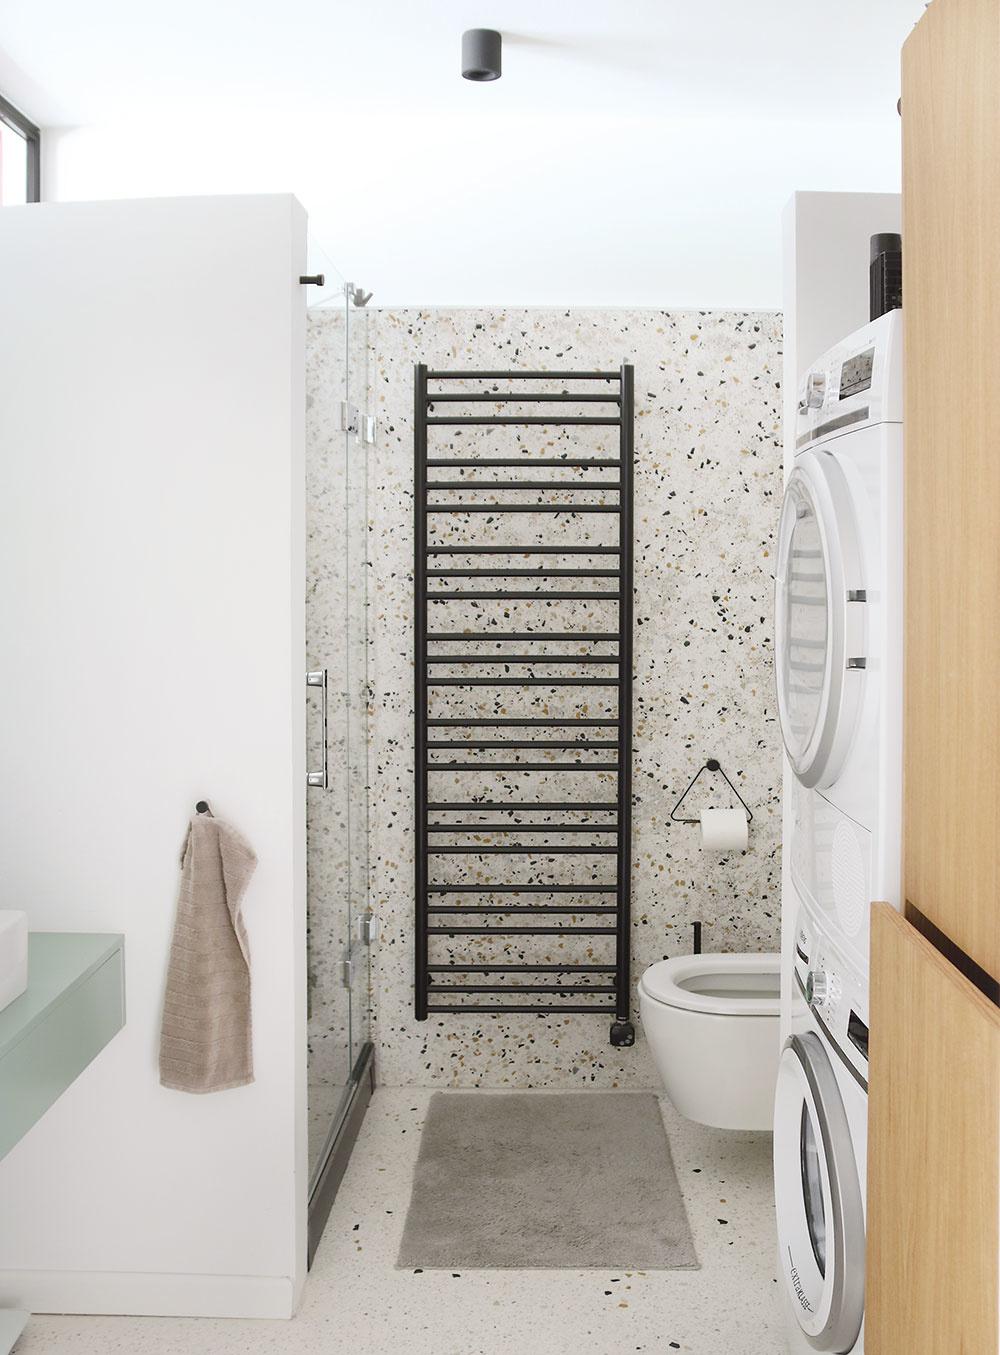 Kúpeľňu vo vstupnej časti bytu jednak zväčšili, jednak znížili na úroveň podlahy vhale. Pôvodná kúpeľňa bola totiž celá na nezmyselnom stupienku. Vnovej vyriešili odpad zo sprchovacieho kúta len vrámci zvýšenej vaničky. Aj tu nechali naplno vyniknúť zaujímavý materiál – terazzo.